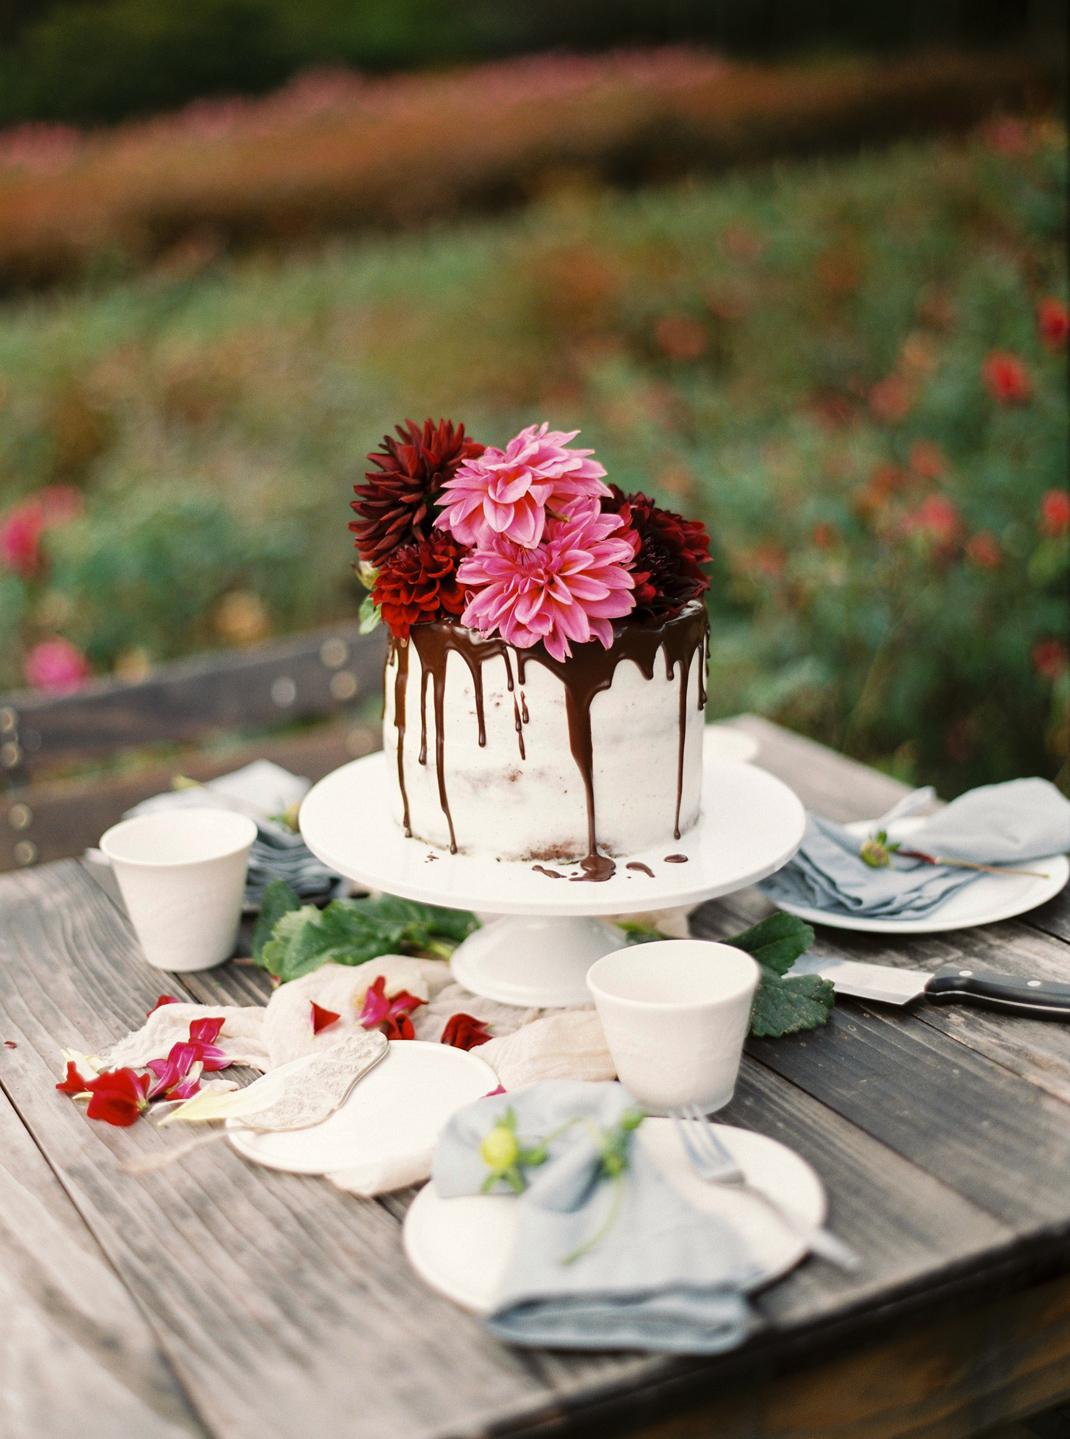 Silvia Fischer. Echte Kuchenliebe. Drip Cake mit Schokoglasur und frischen Blumen